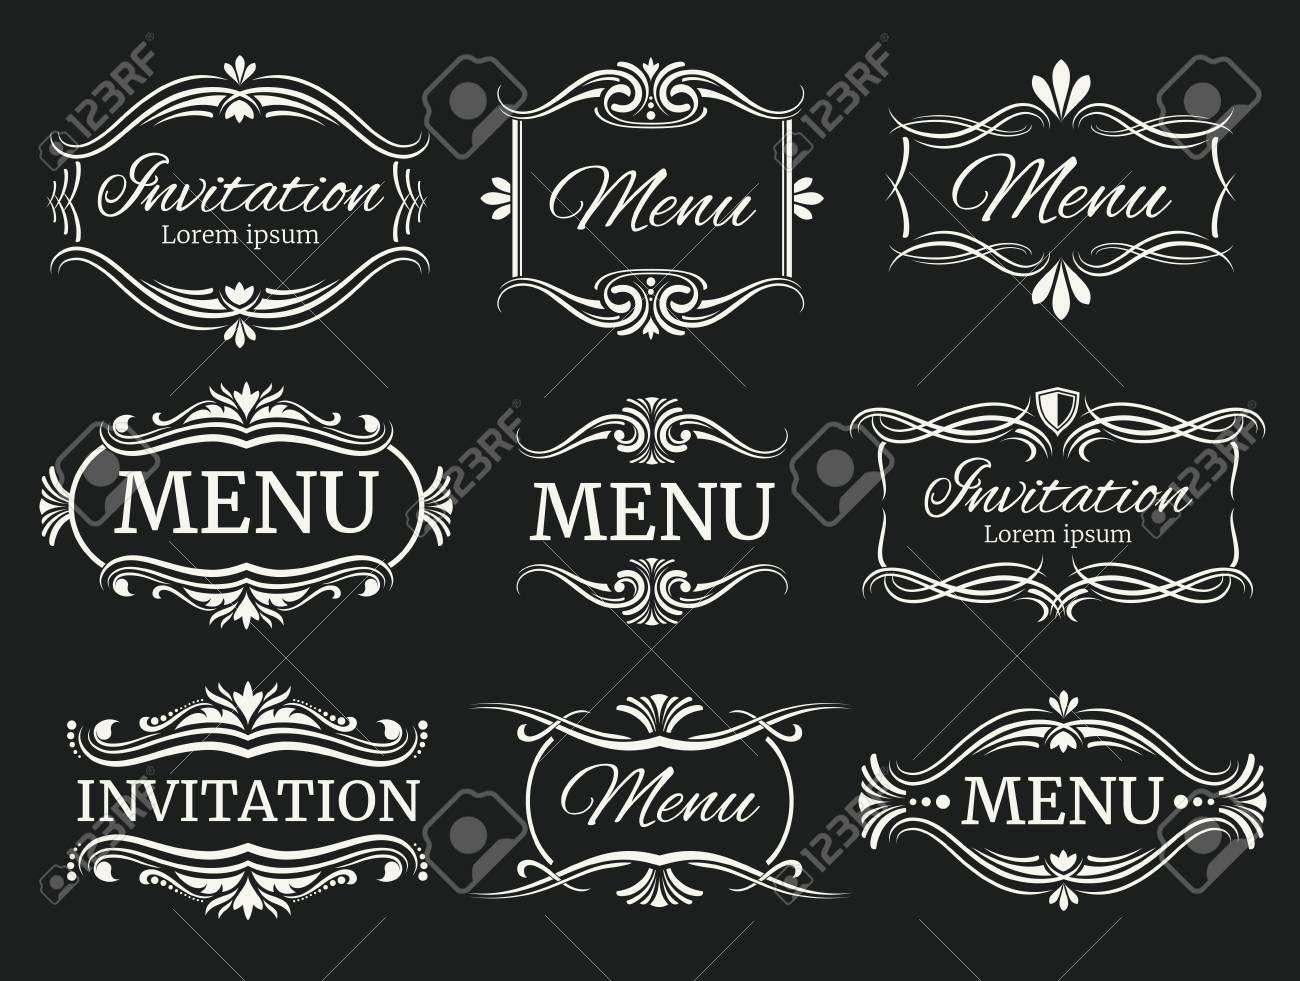 Kalli Dekorative Vektor-Rahmen Für Das Menü Und Hochzeitseinladung ...